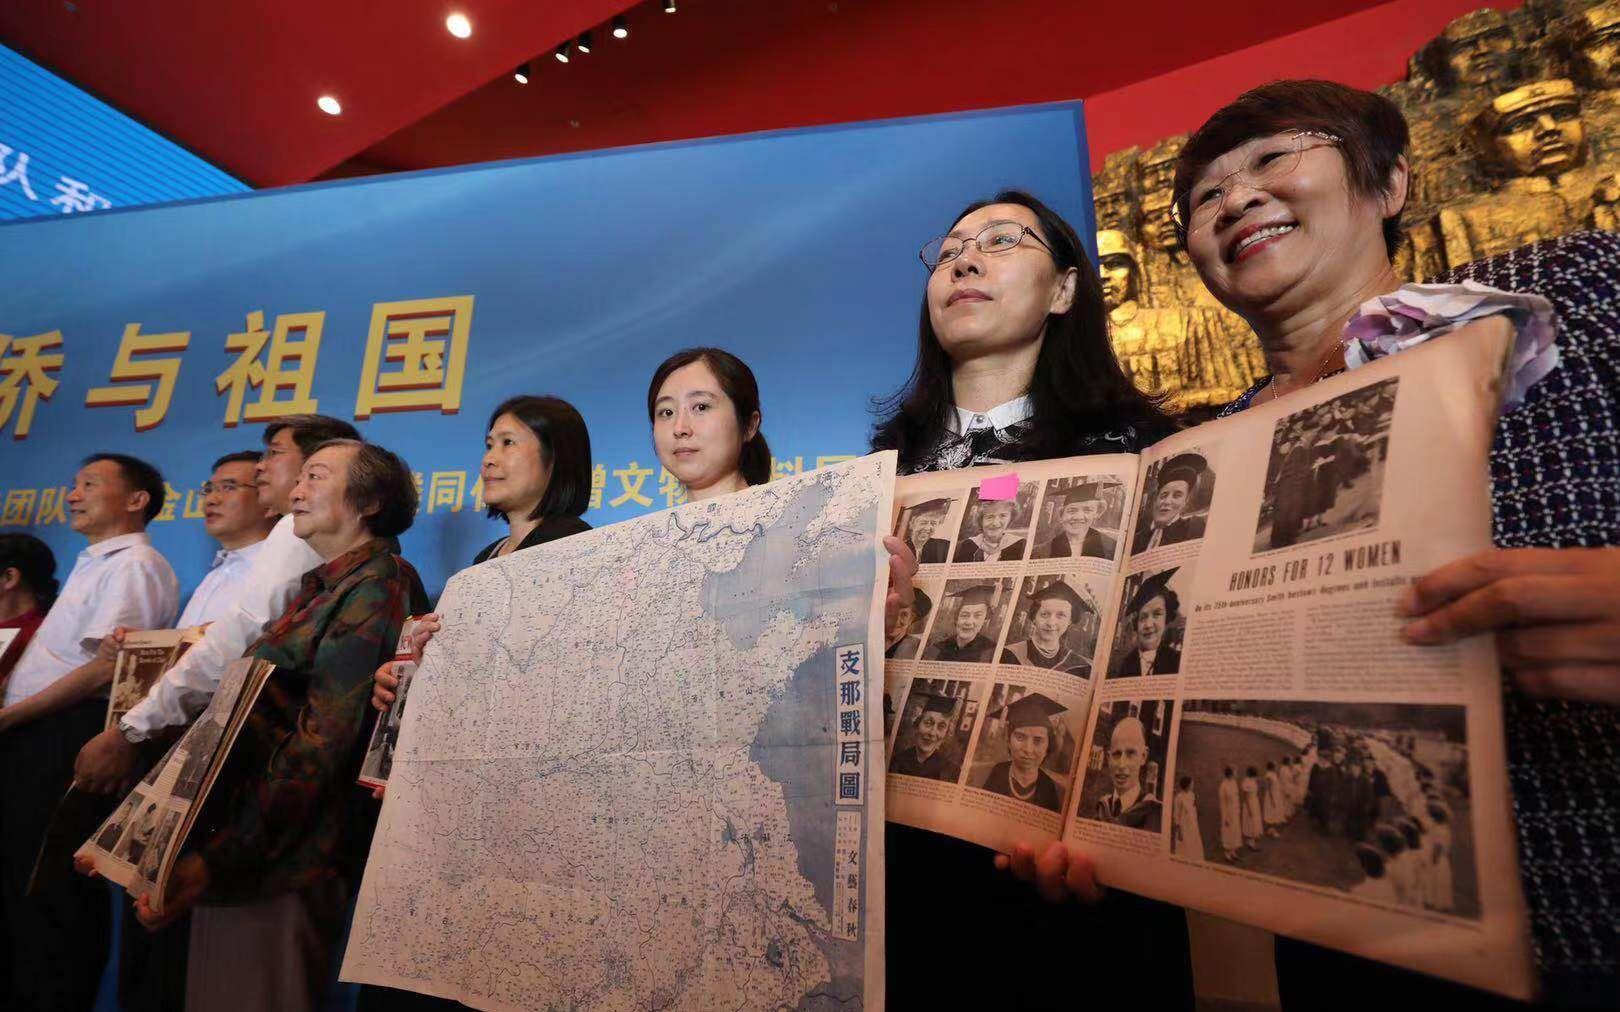 """""""华侨与祖国""""展在抗战馆开幕 海外文物讲述华侨抗战"""